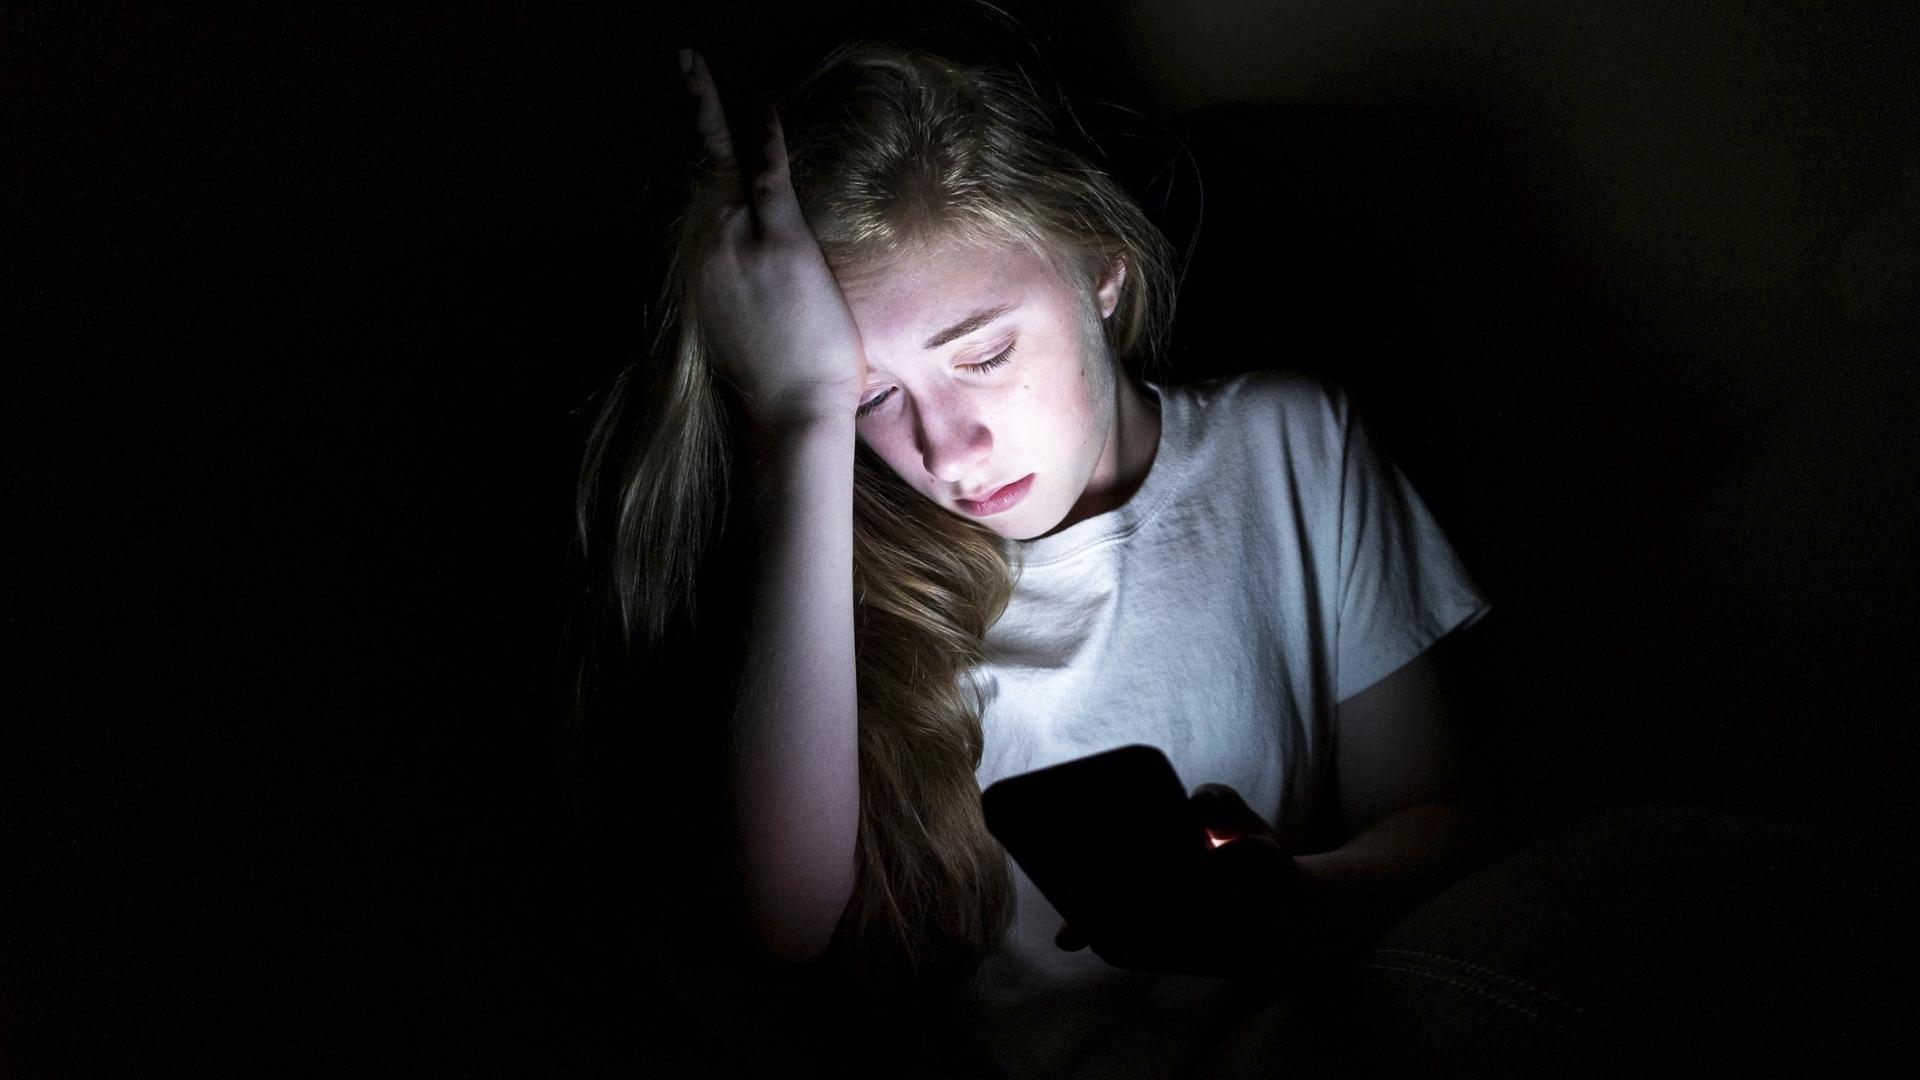 Nettivihavakuutusta markkinoidaan erityisten nuorten vanhemmille netissä tapahtuvaa koulukiusaamista vastaan. Nettiviha on nettipoliisin mukaan kuitenkin hyvin usein nimenomaan aikuisten ongelma.